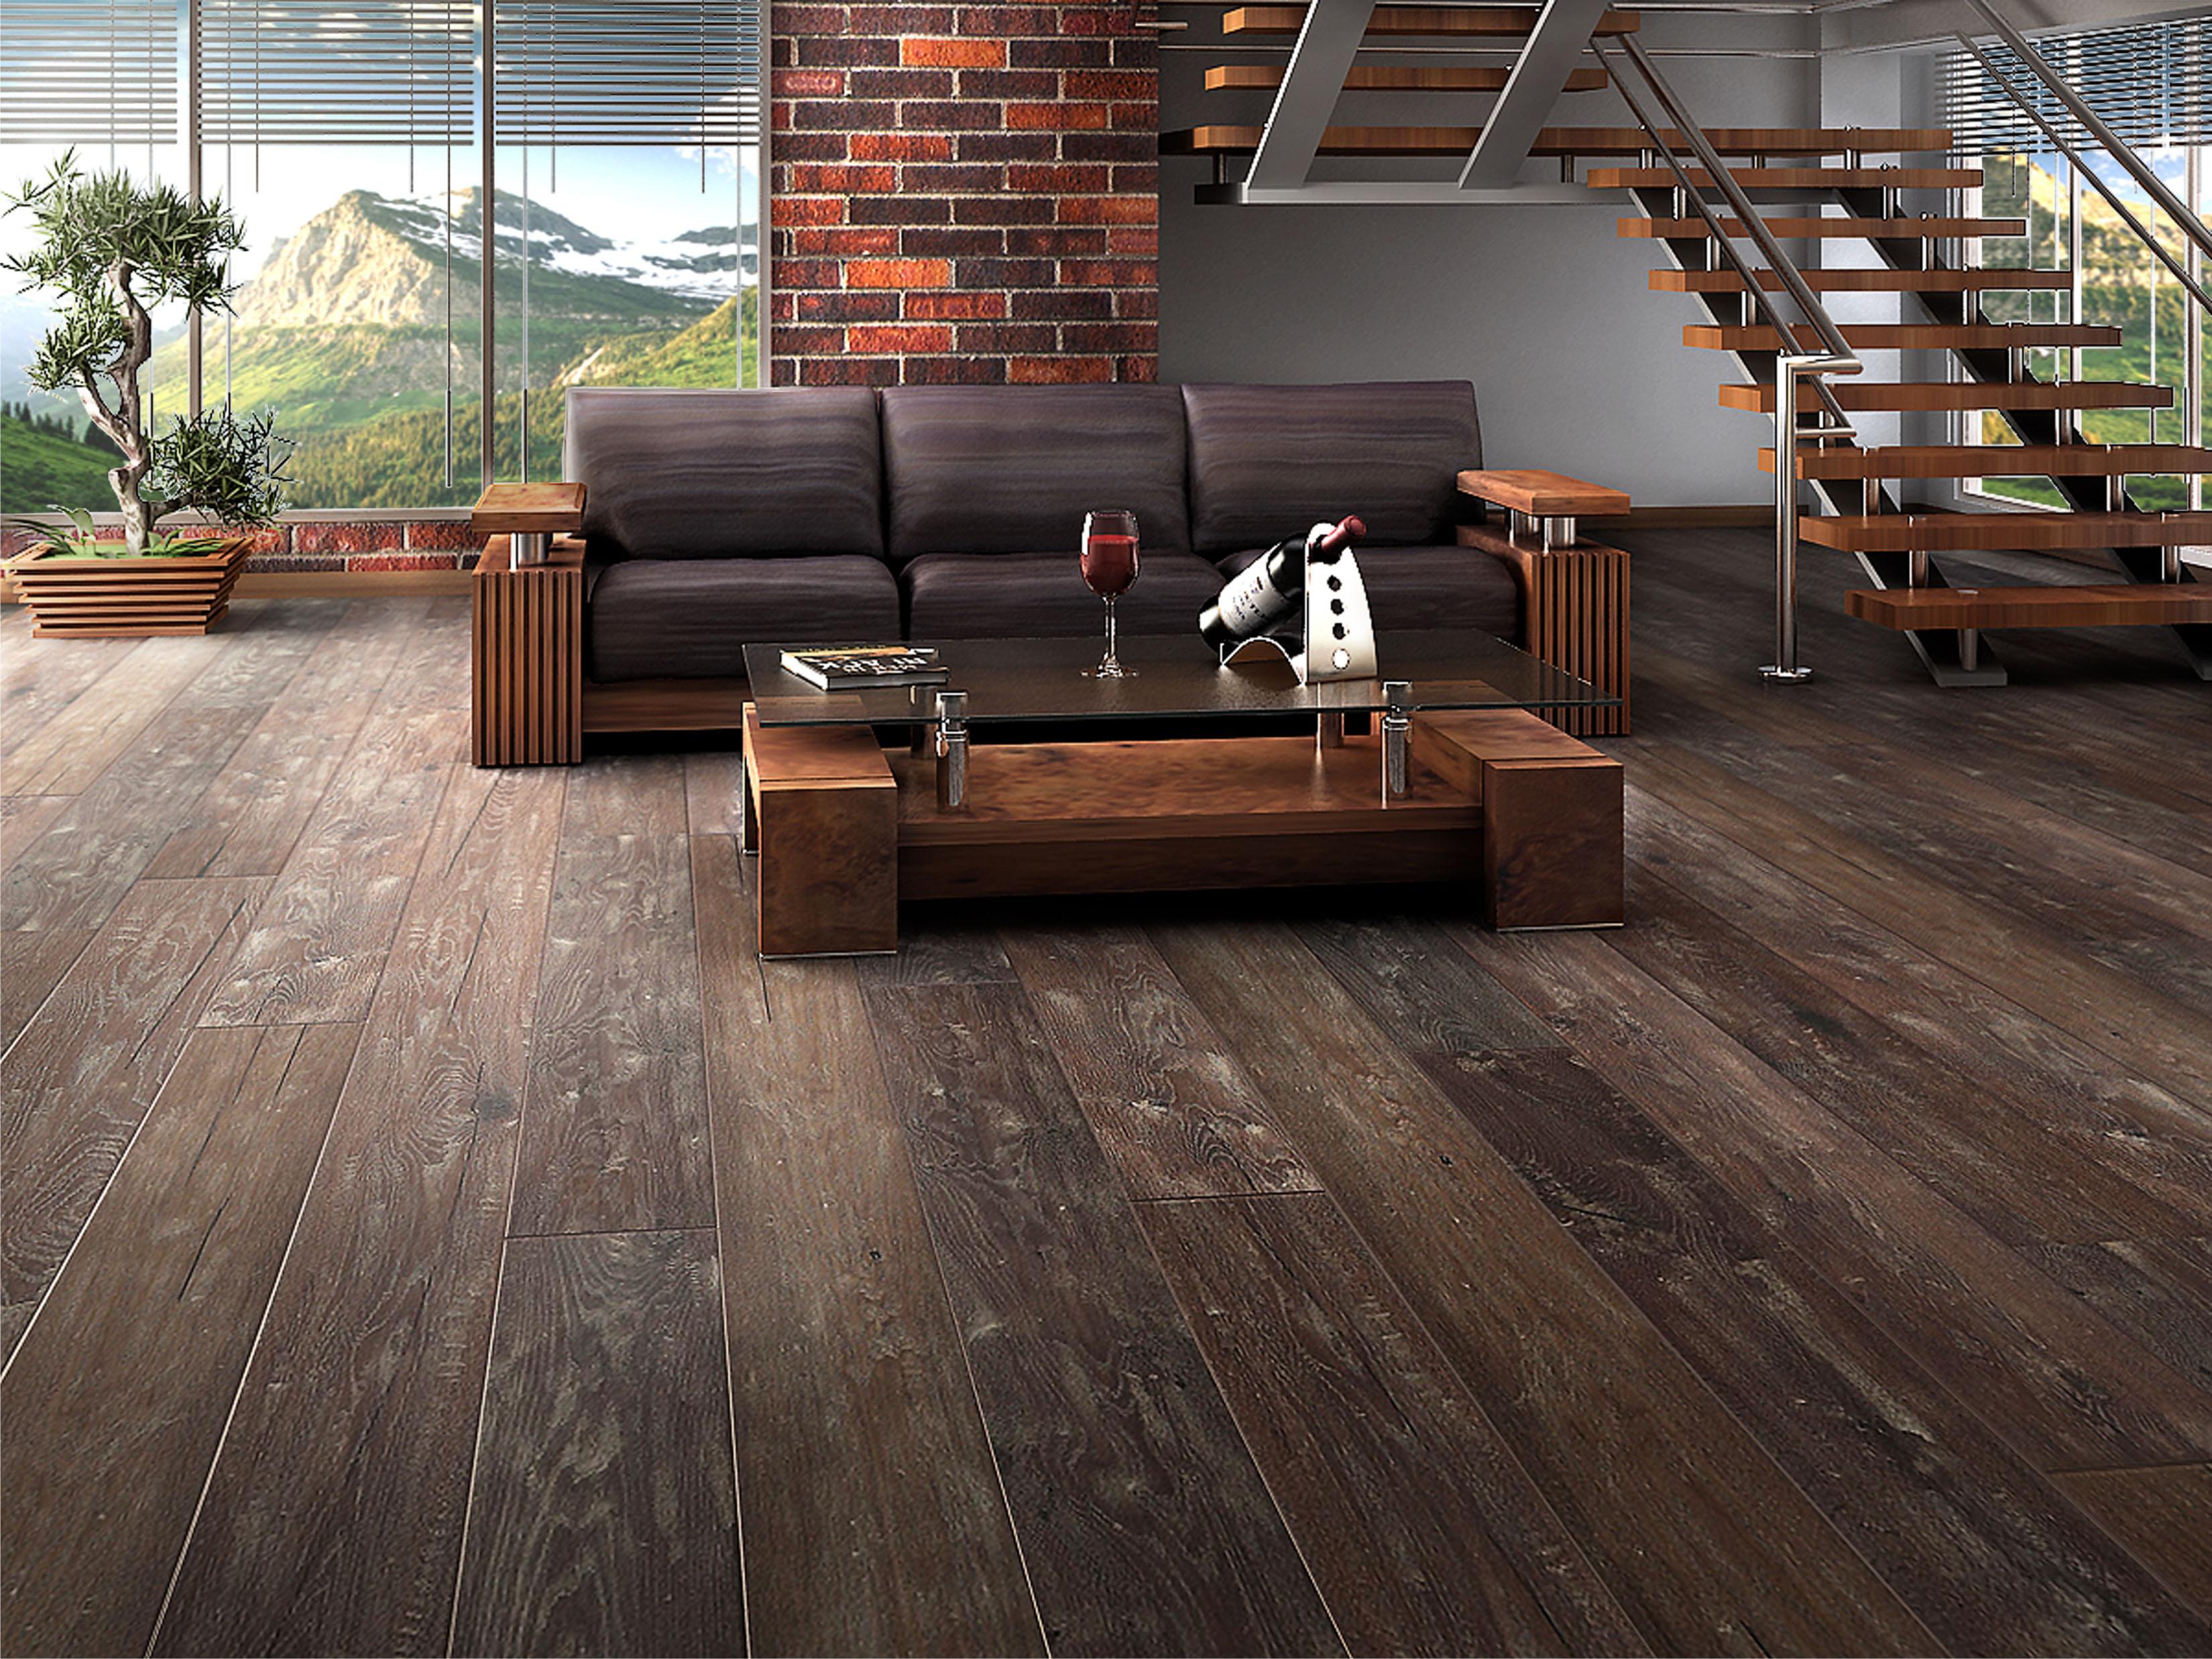 Teka Landscape Tuscany White Oak Ab Hardwood Flooring